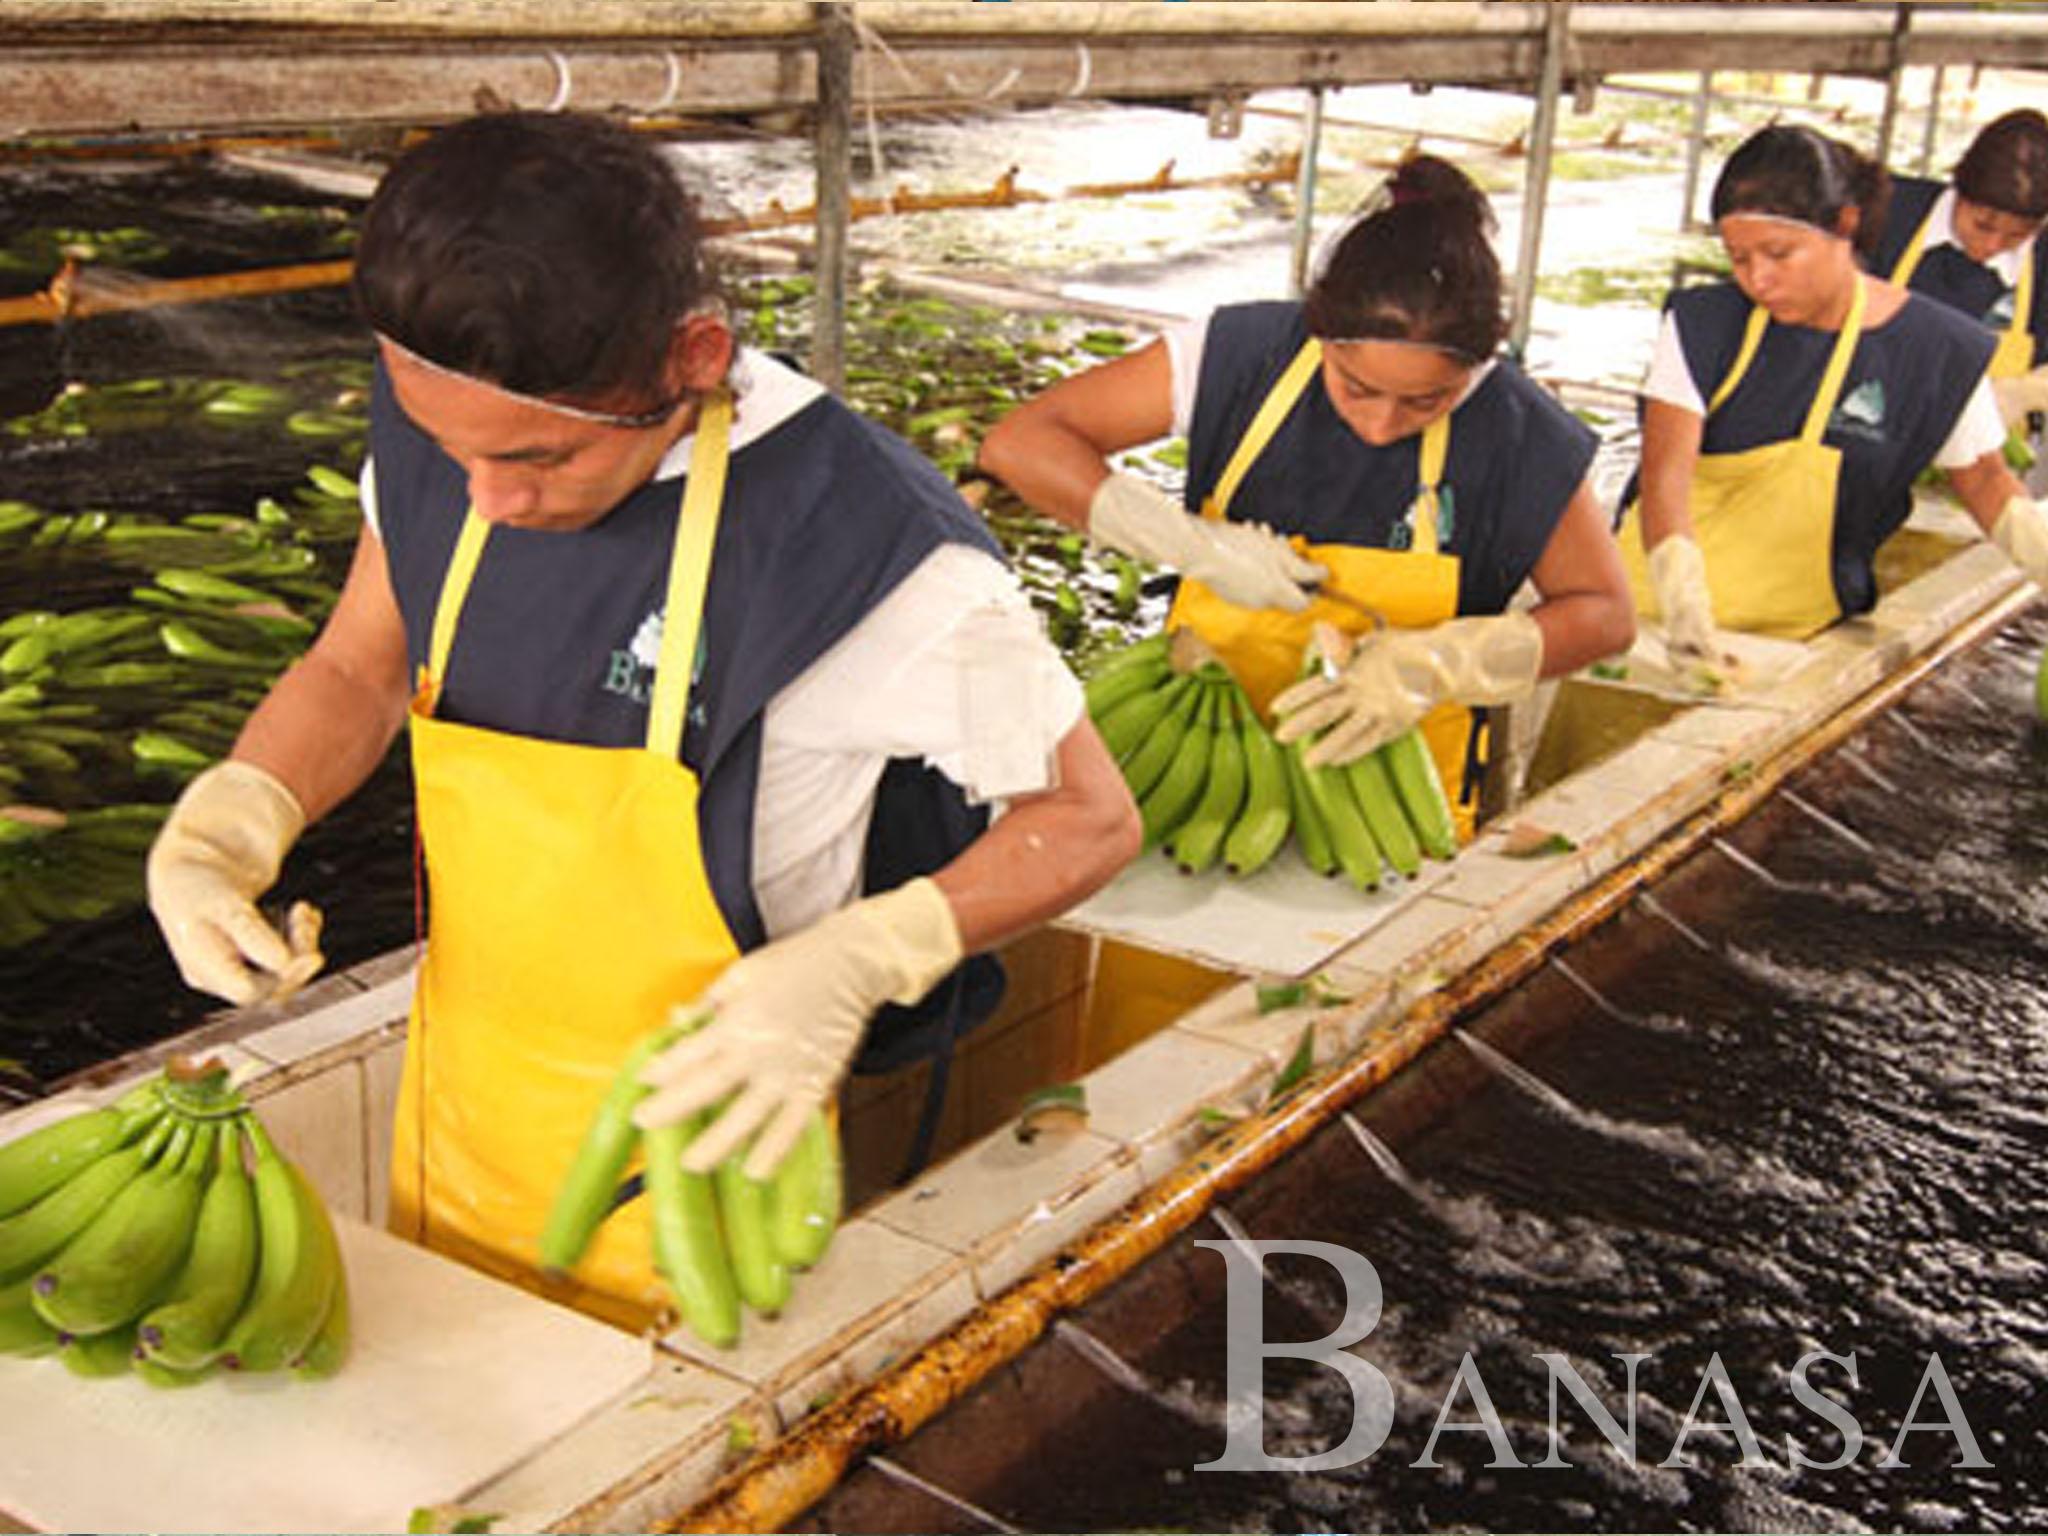 BANASA FUE CALIFICADA POR EL MINISTERIO DE AGRICULTURA COMO LA EMPRESA BANANERA CON MEJORES PRÁCTICAS DE INOCUIDAD Y MANEJO DE ALIMENTOS.